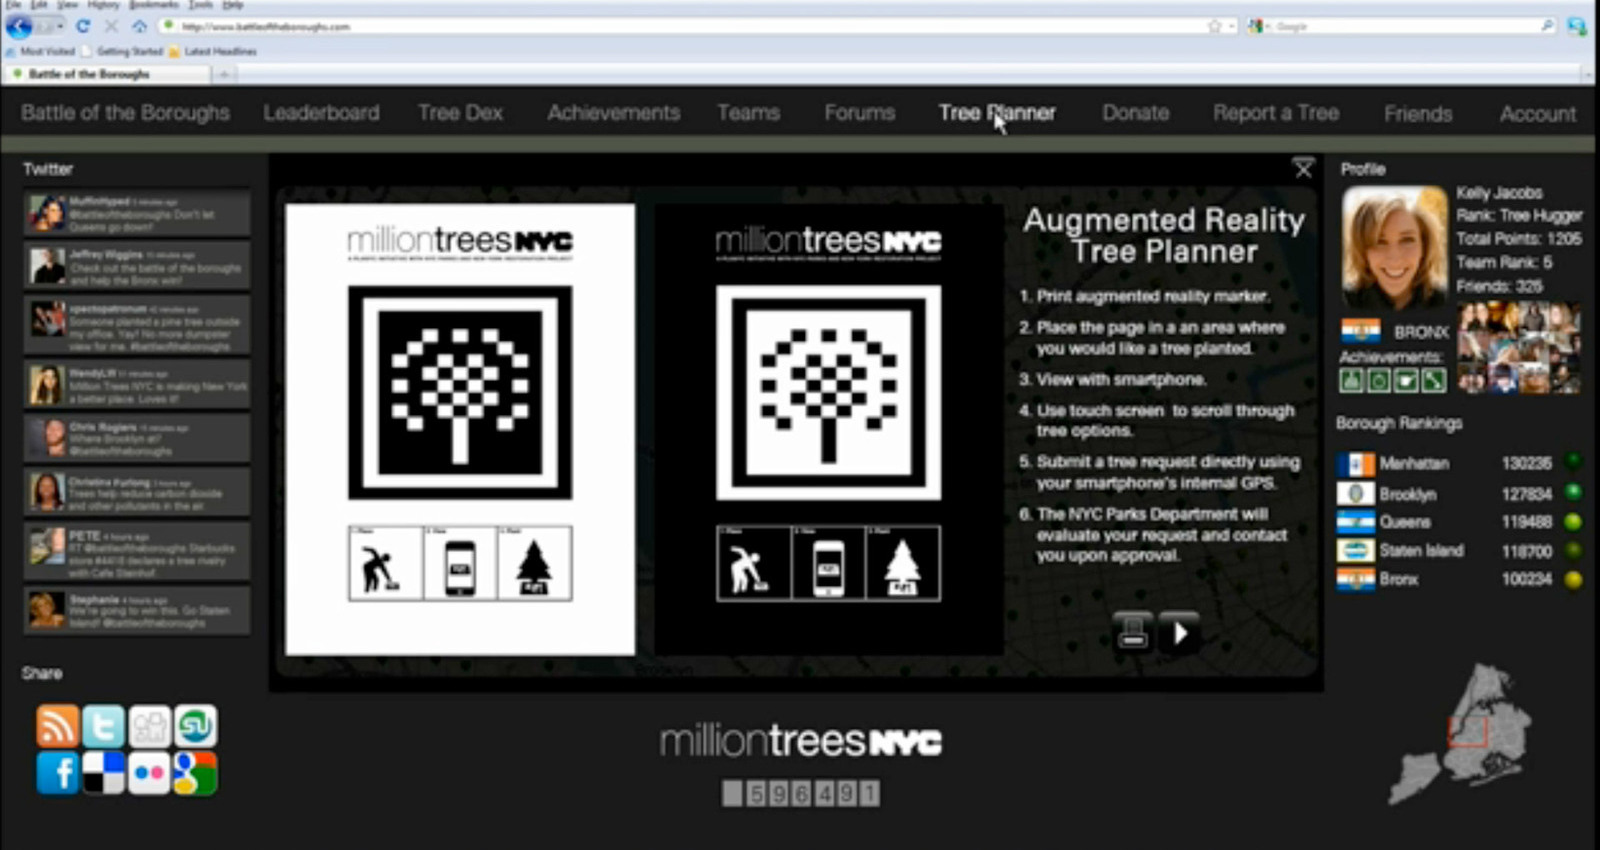 Tree Tracker